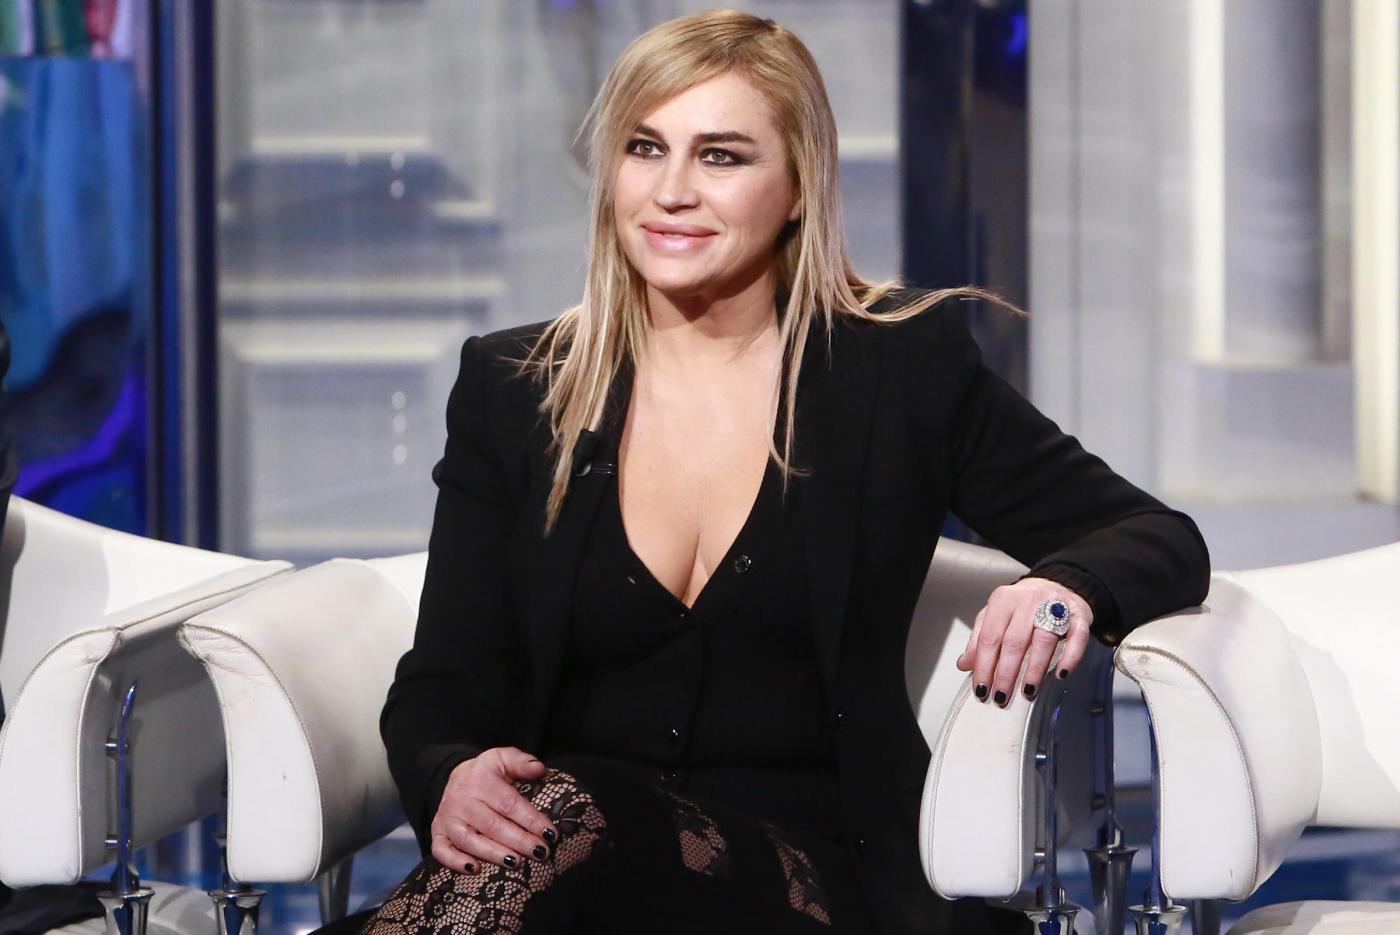 Lory Del Santo e il flirt con Donald Trump: 'Macché maschilista, rispetta tantissimo le donne'